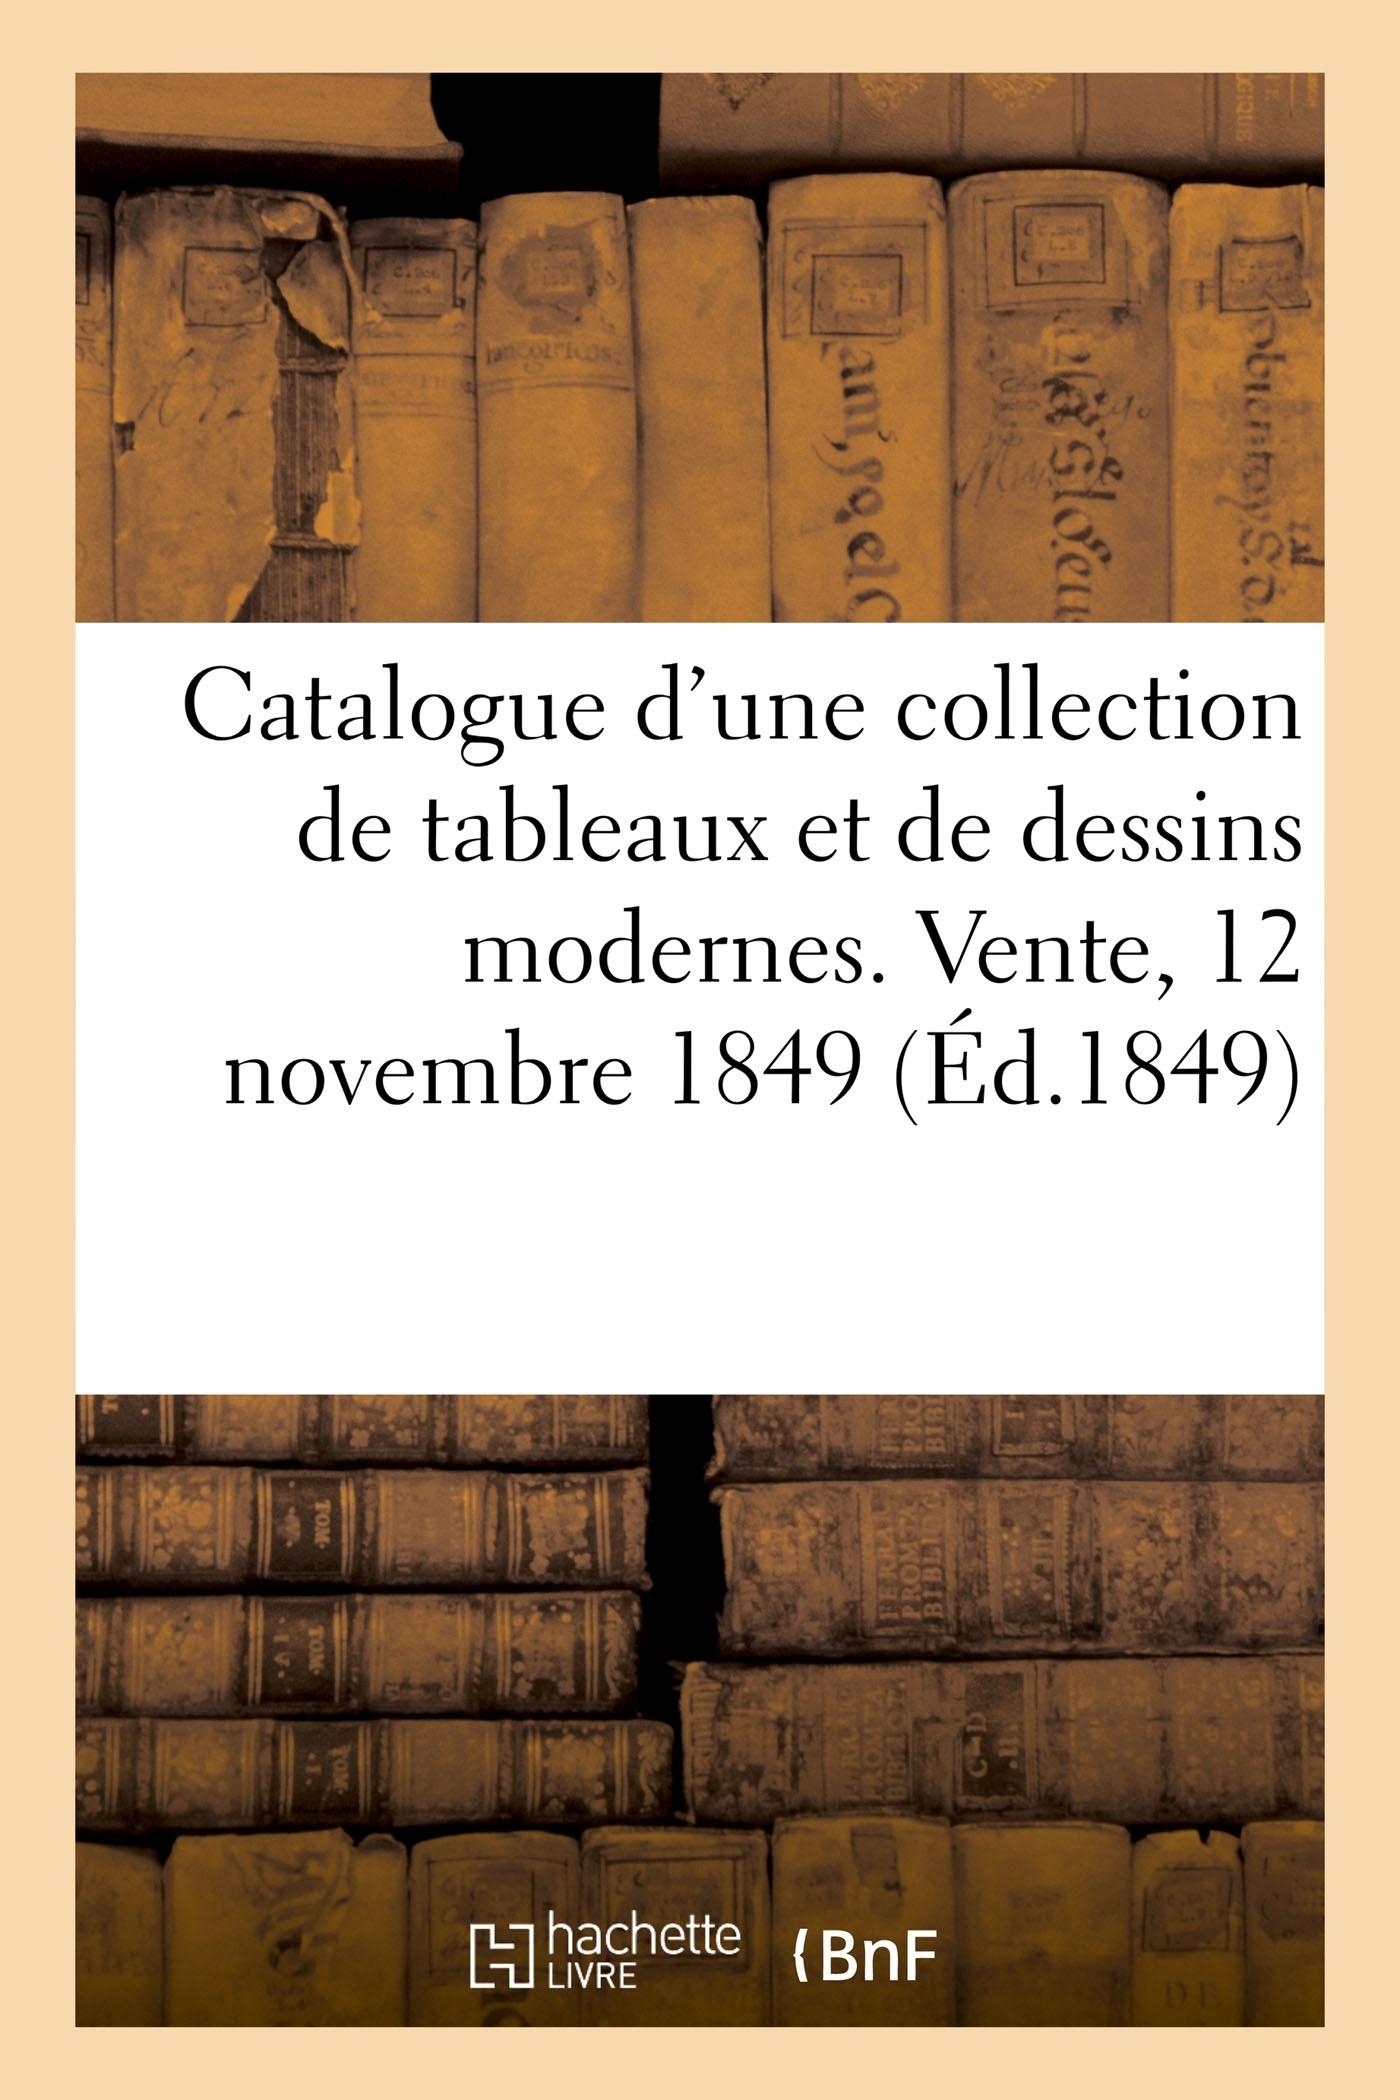 CATALOGUE D'UNE COLLECTION DE TABLEAUX ET DE DESSINS MODERNES. VENTE, 12 NOVEMBRE 1849